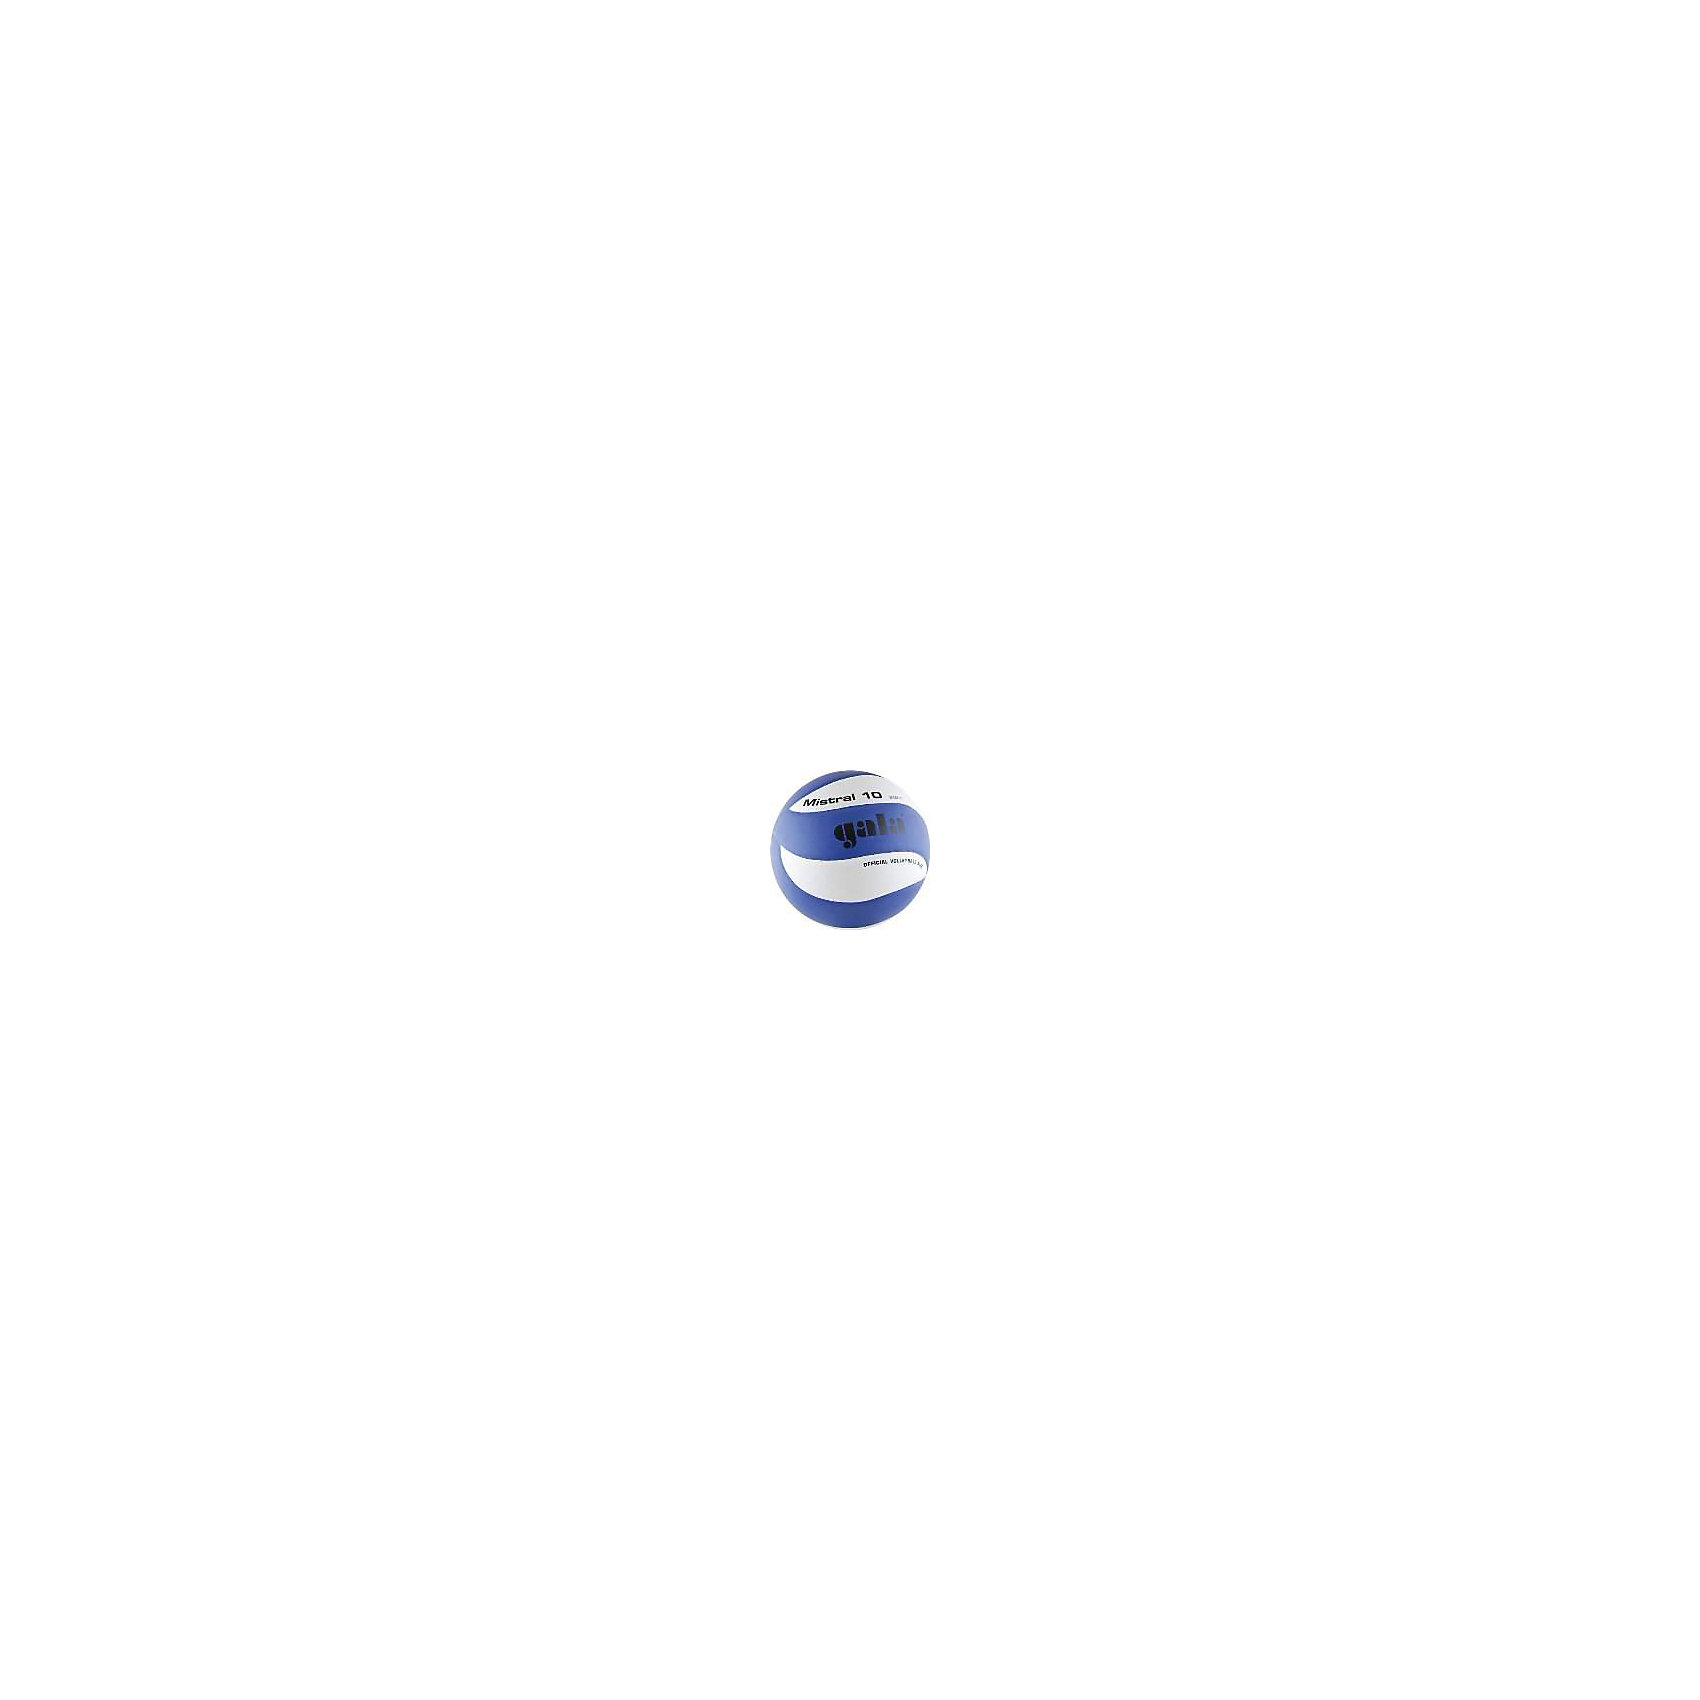 Волейбольный мяч Mistral 10, р. 5, синт. кожа, Gala